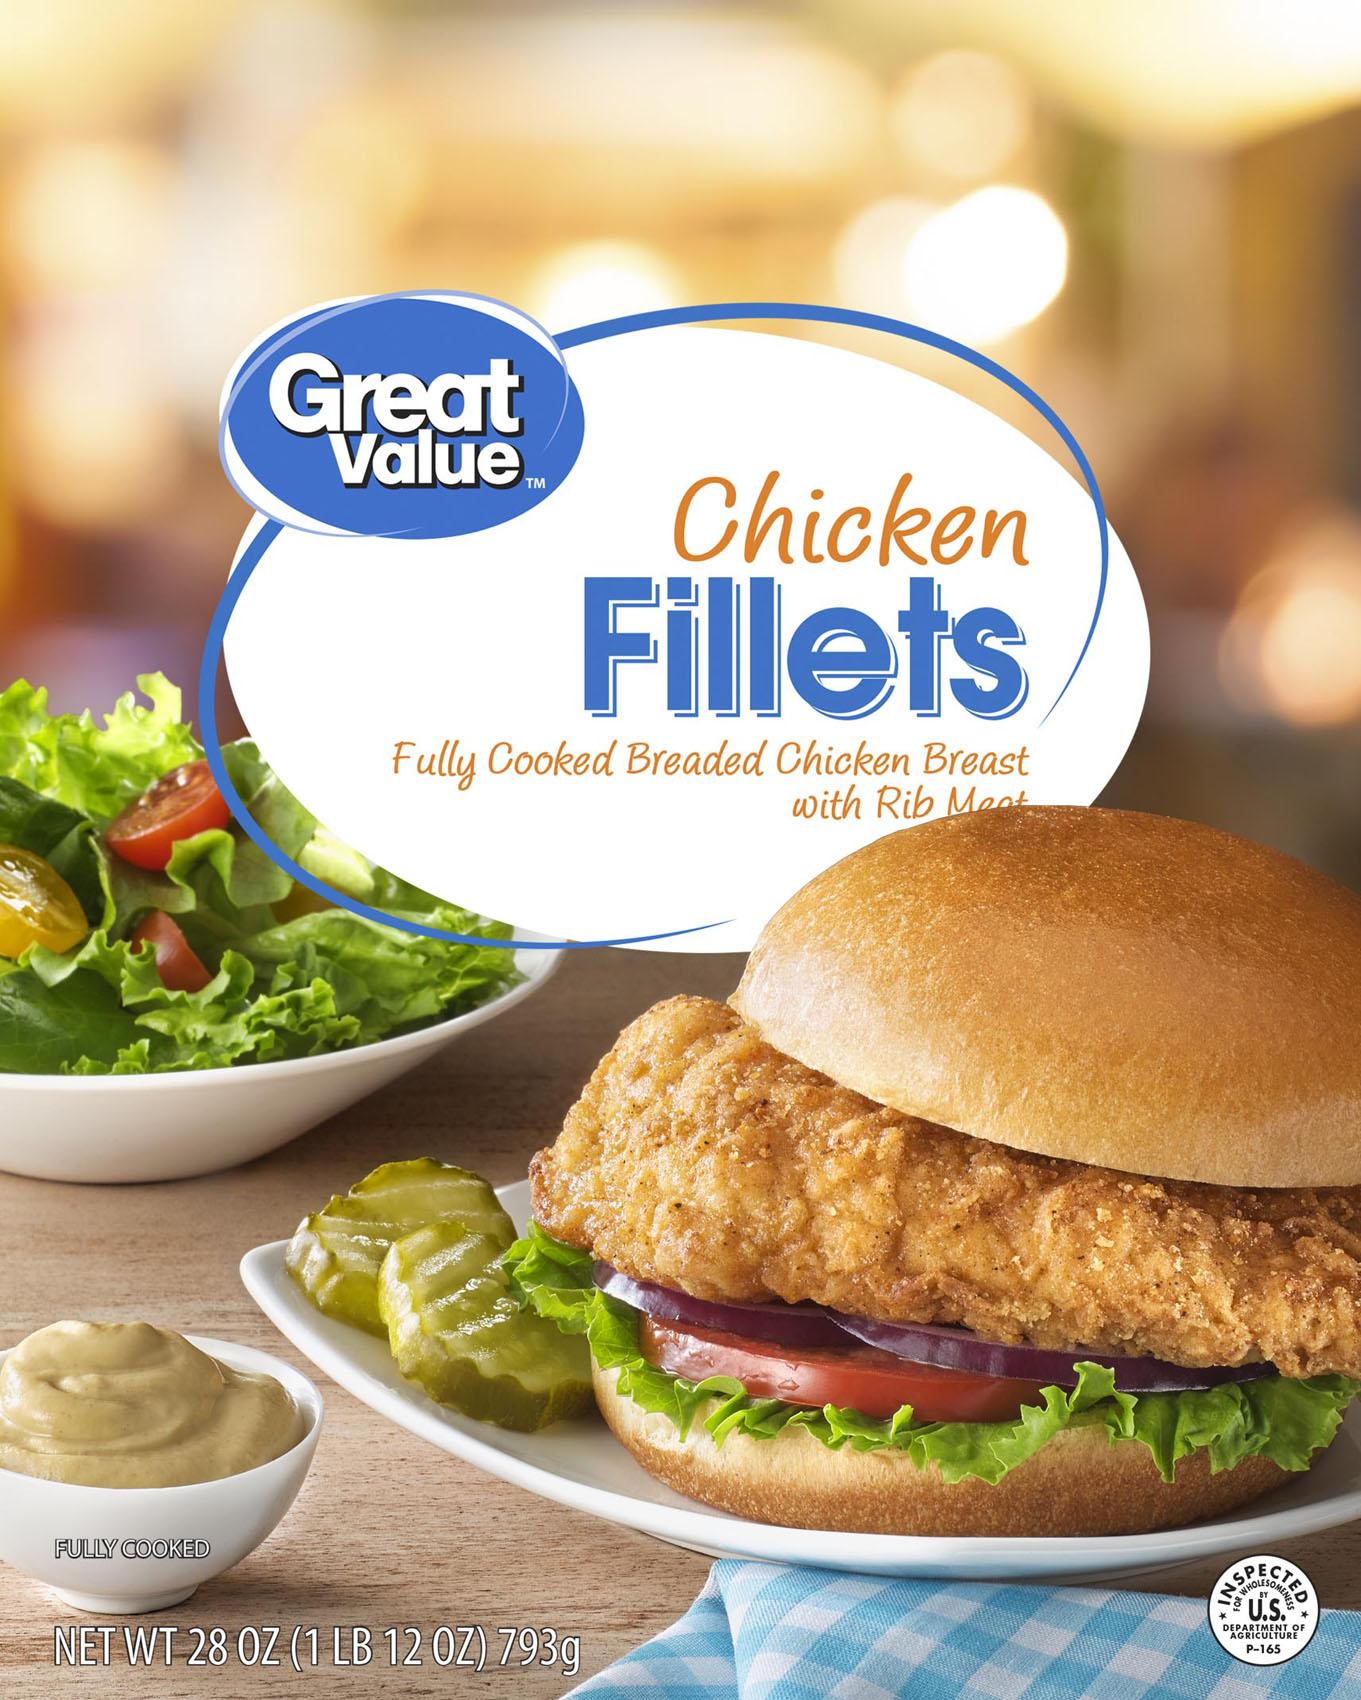 chicken_fillet_sandwich.jpg